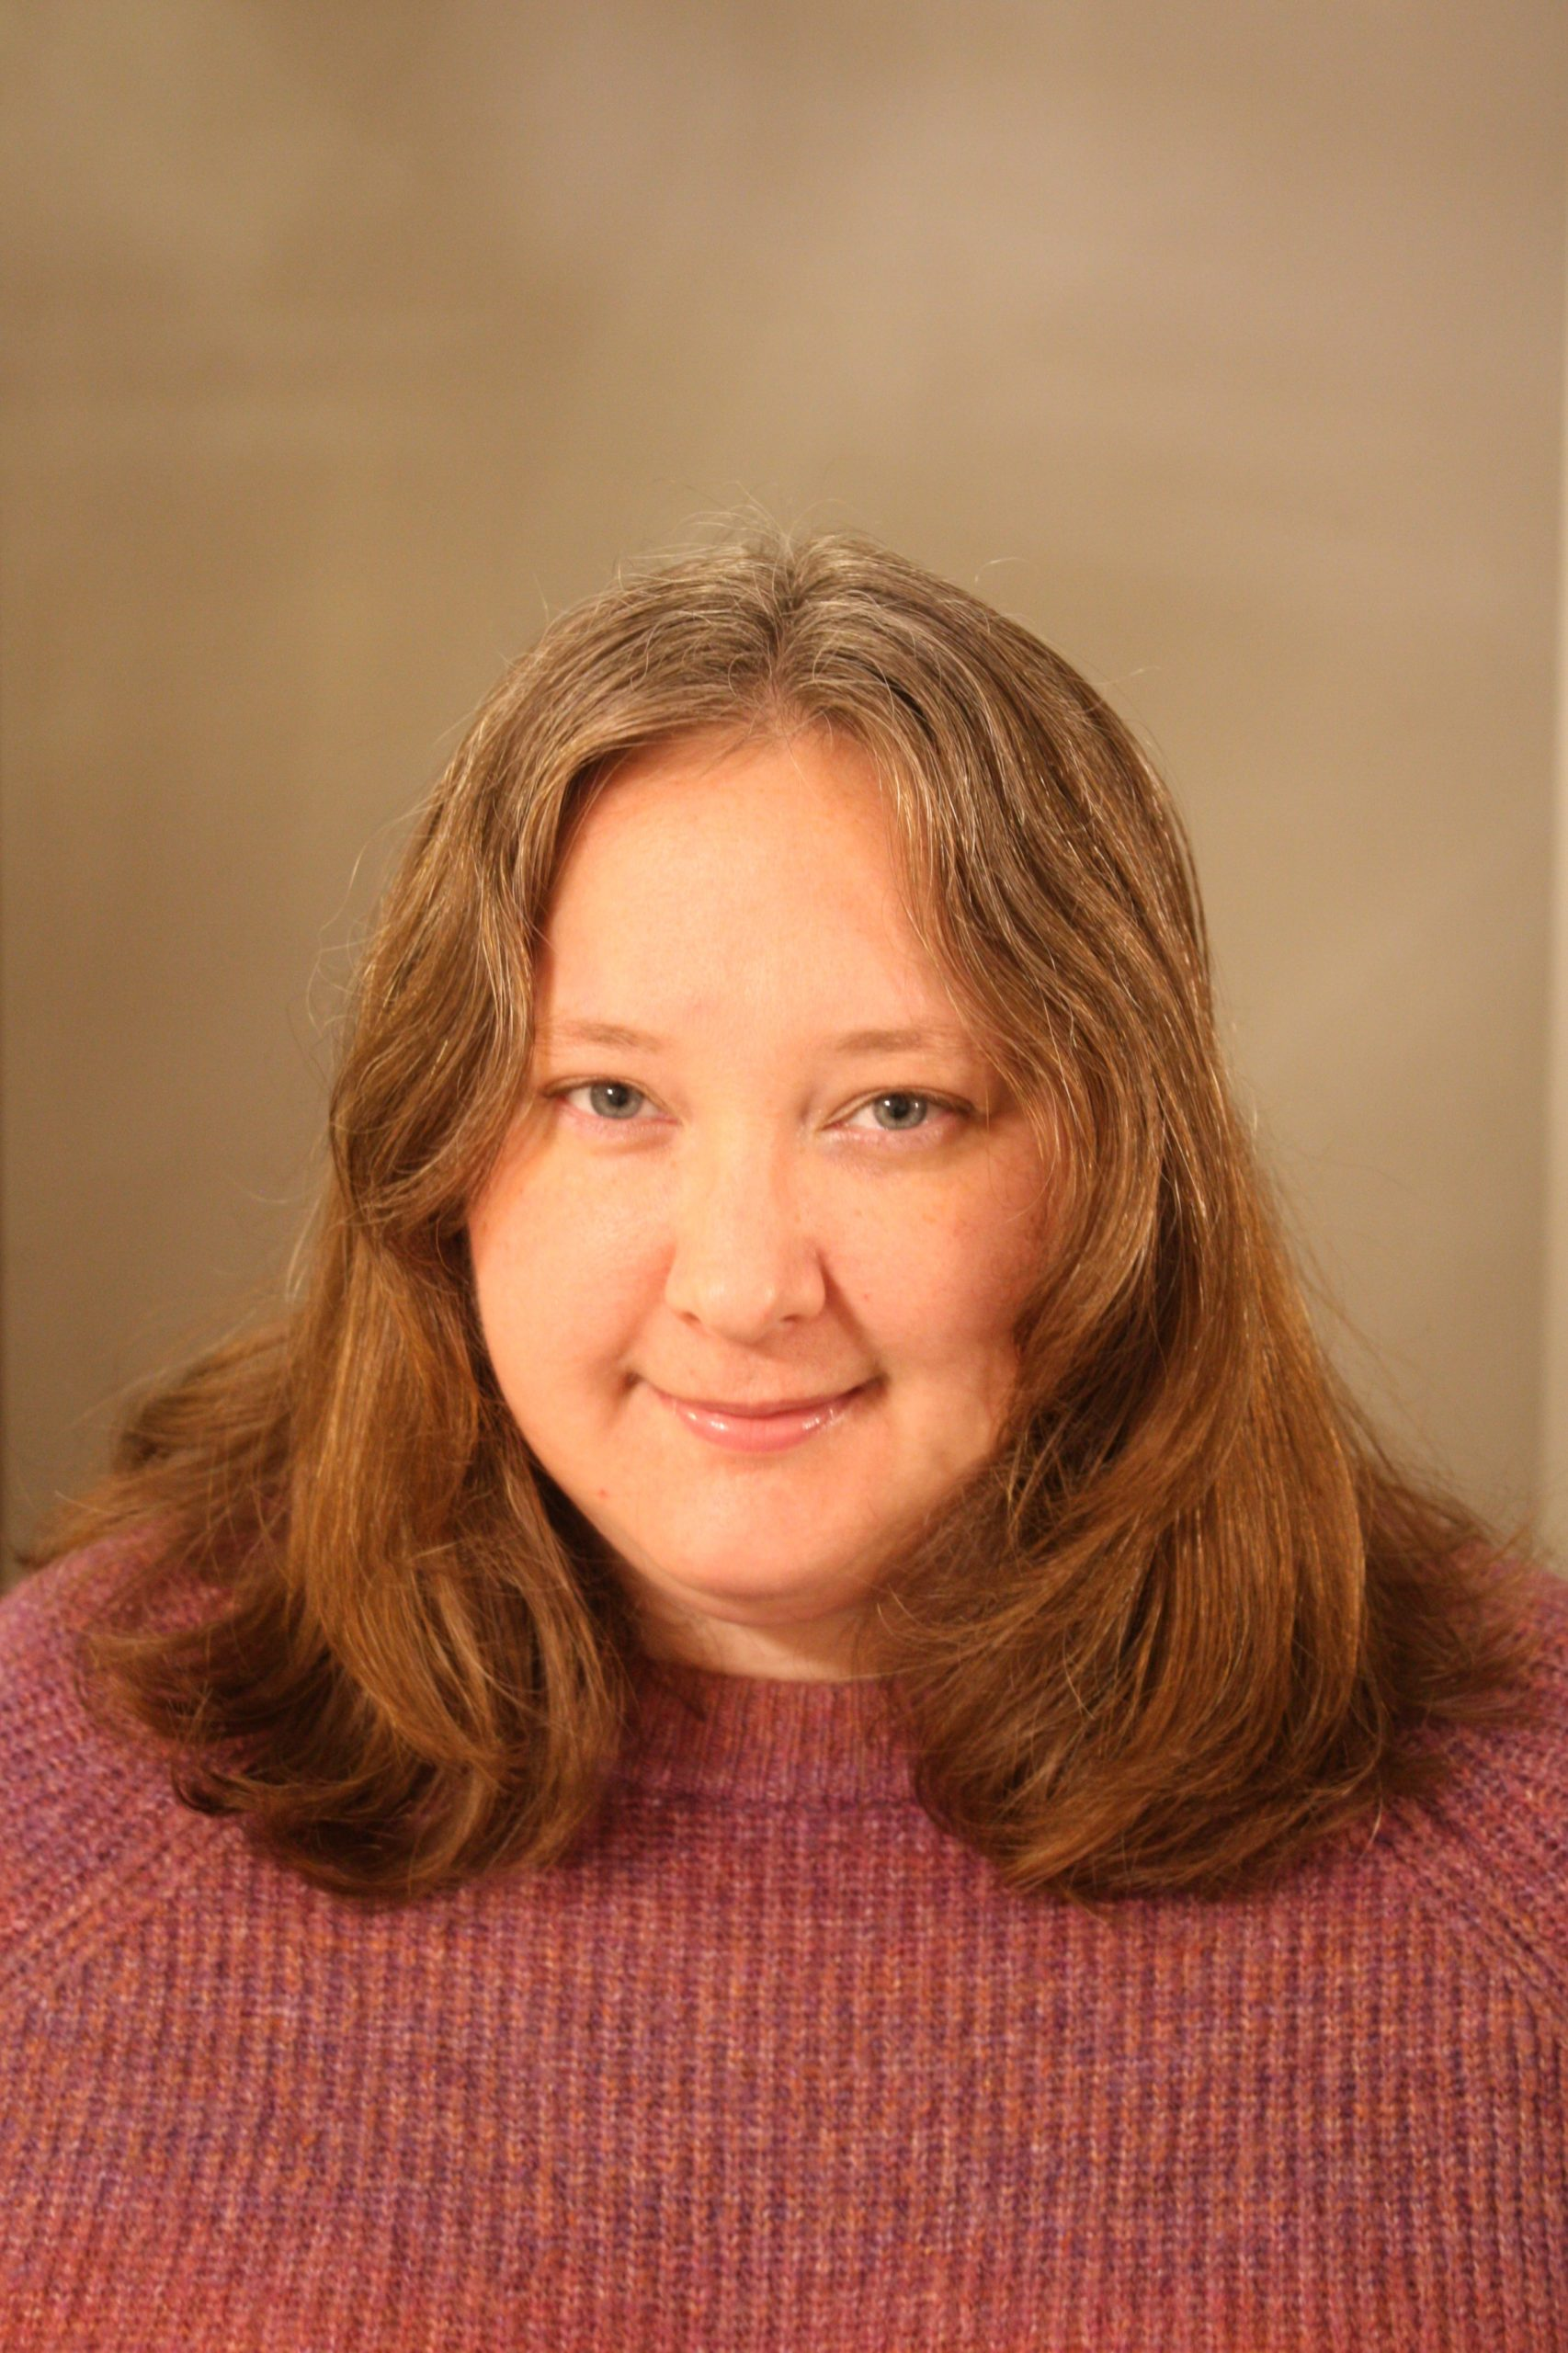 Author Emily E. Jones